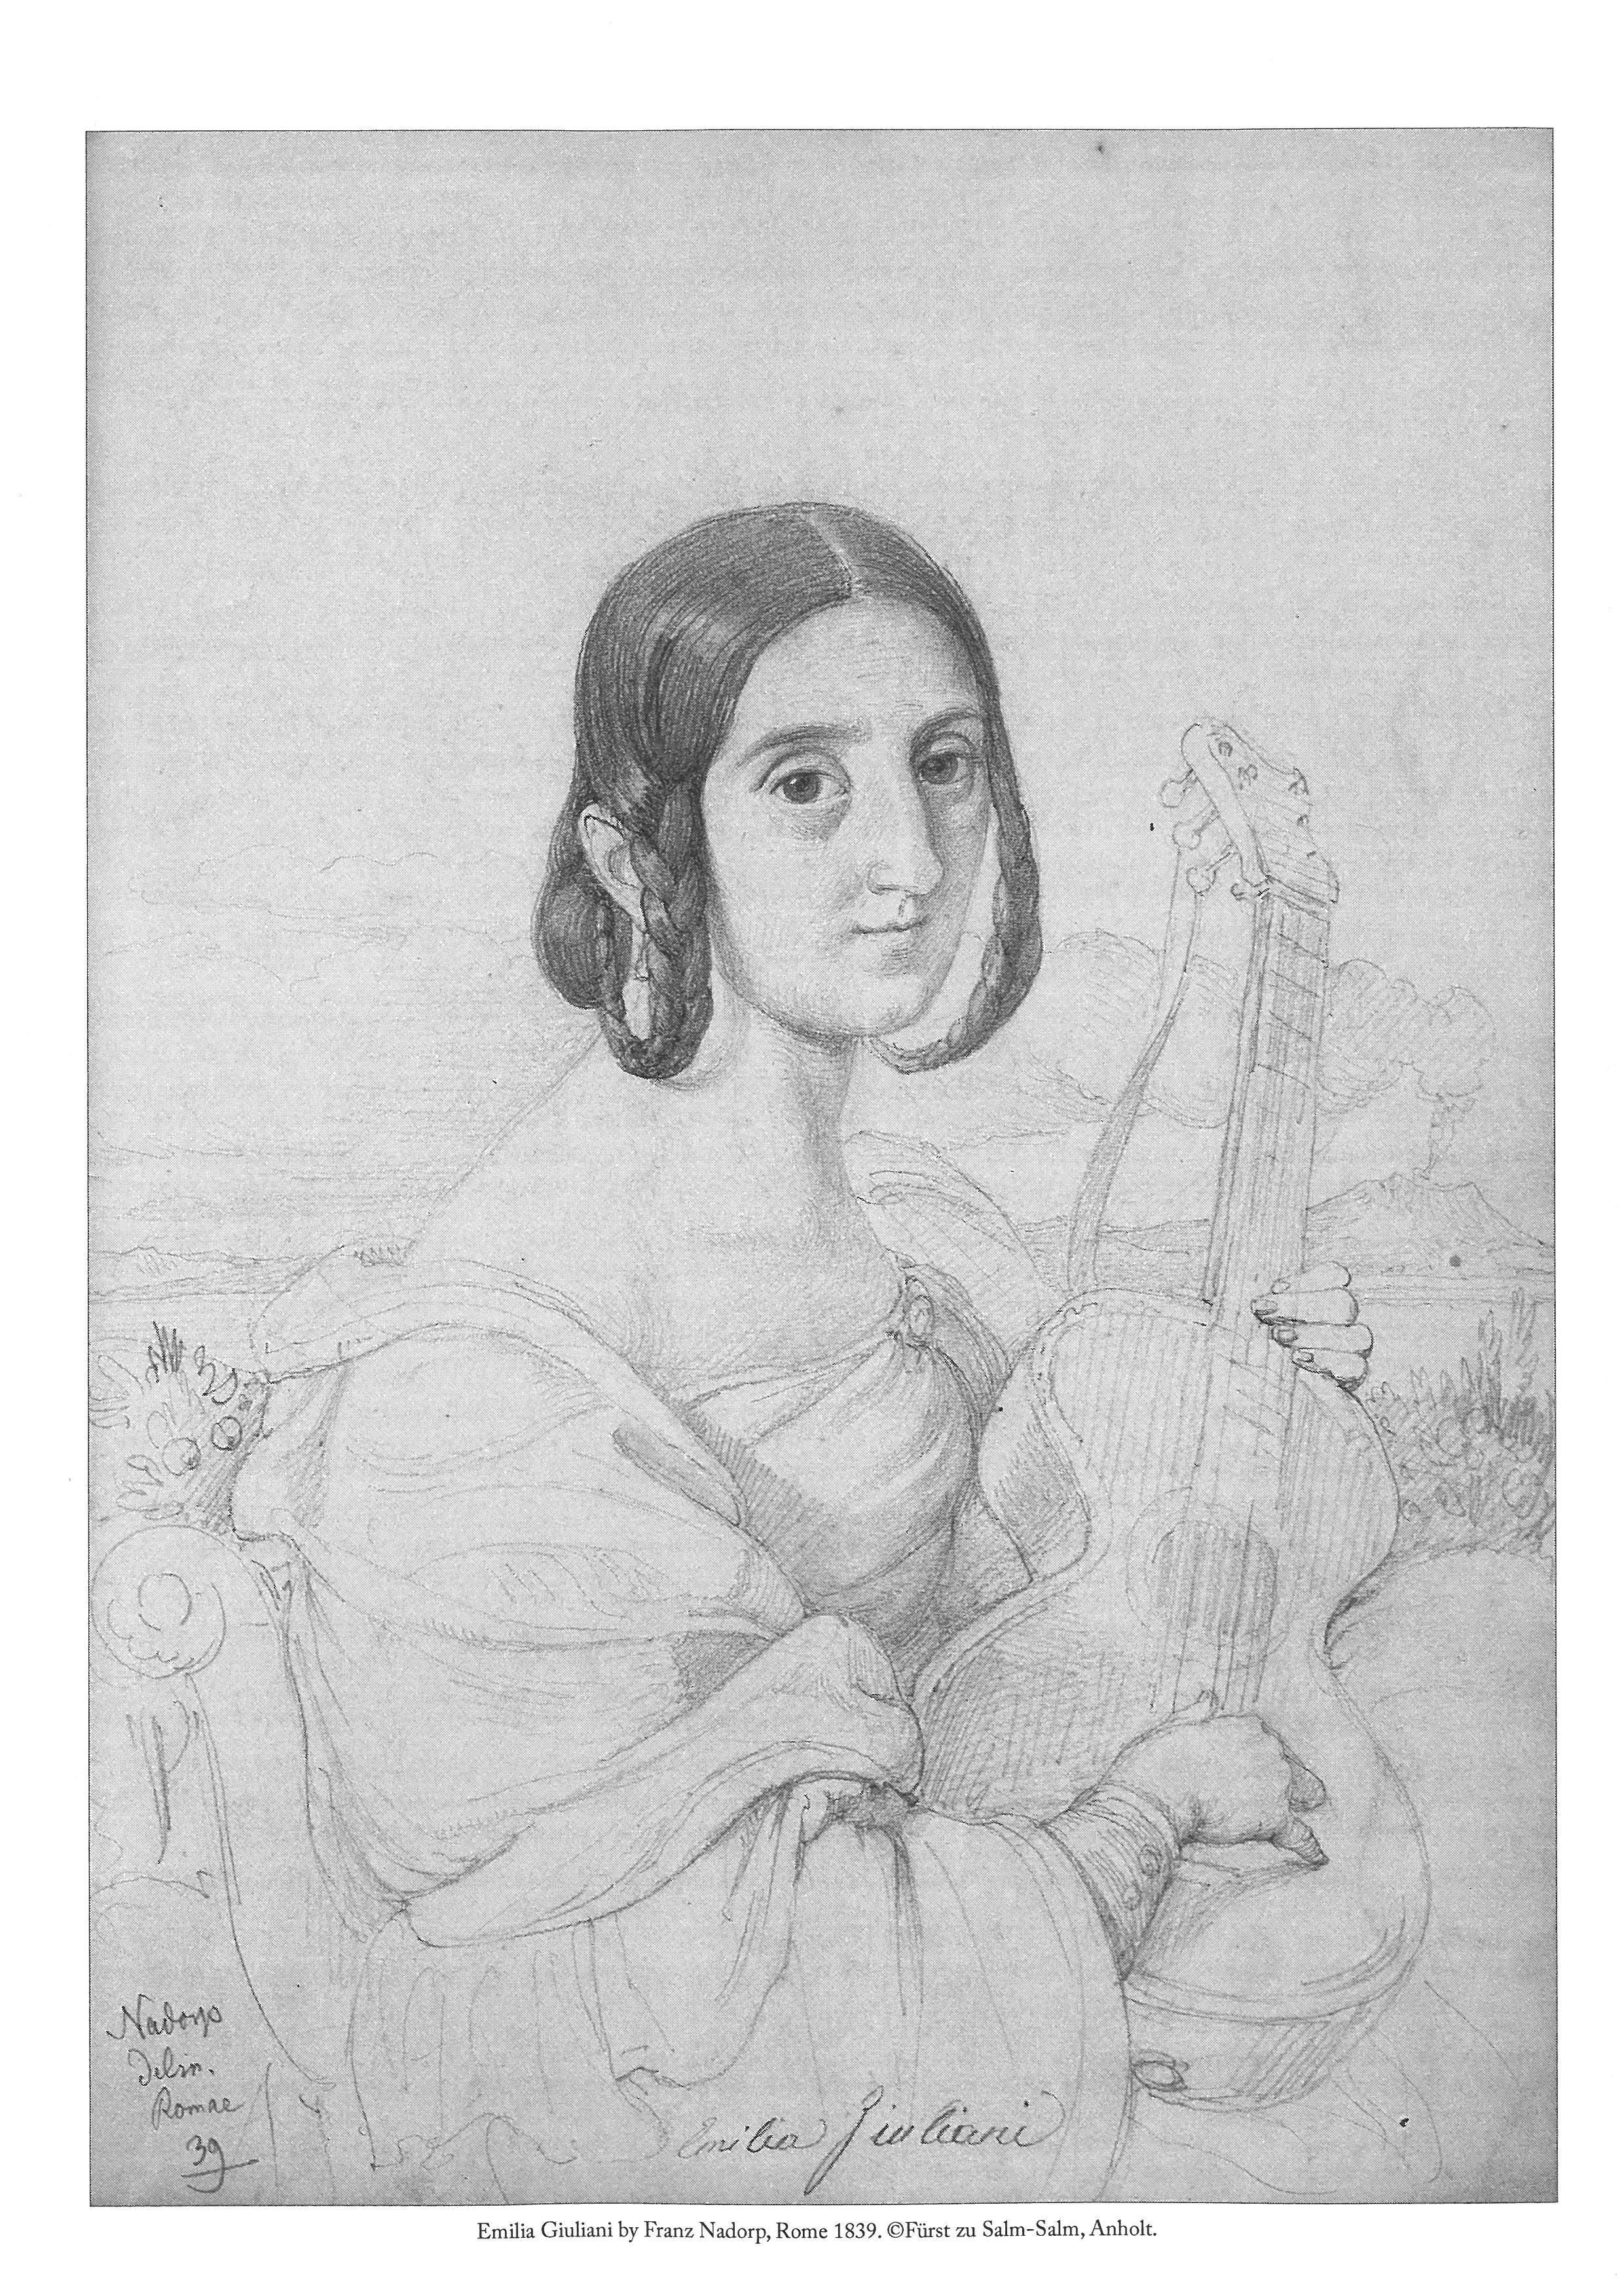 Un concerto in memoria del compositore biscegliese Mauro Giuliani